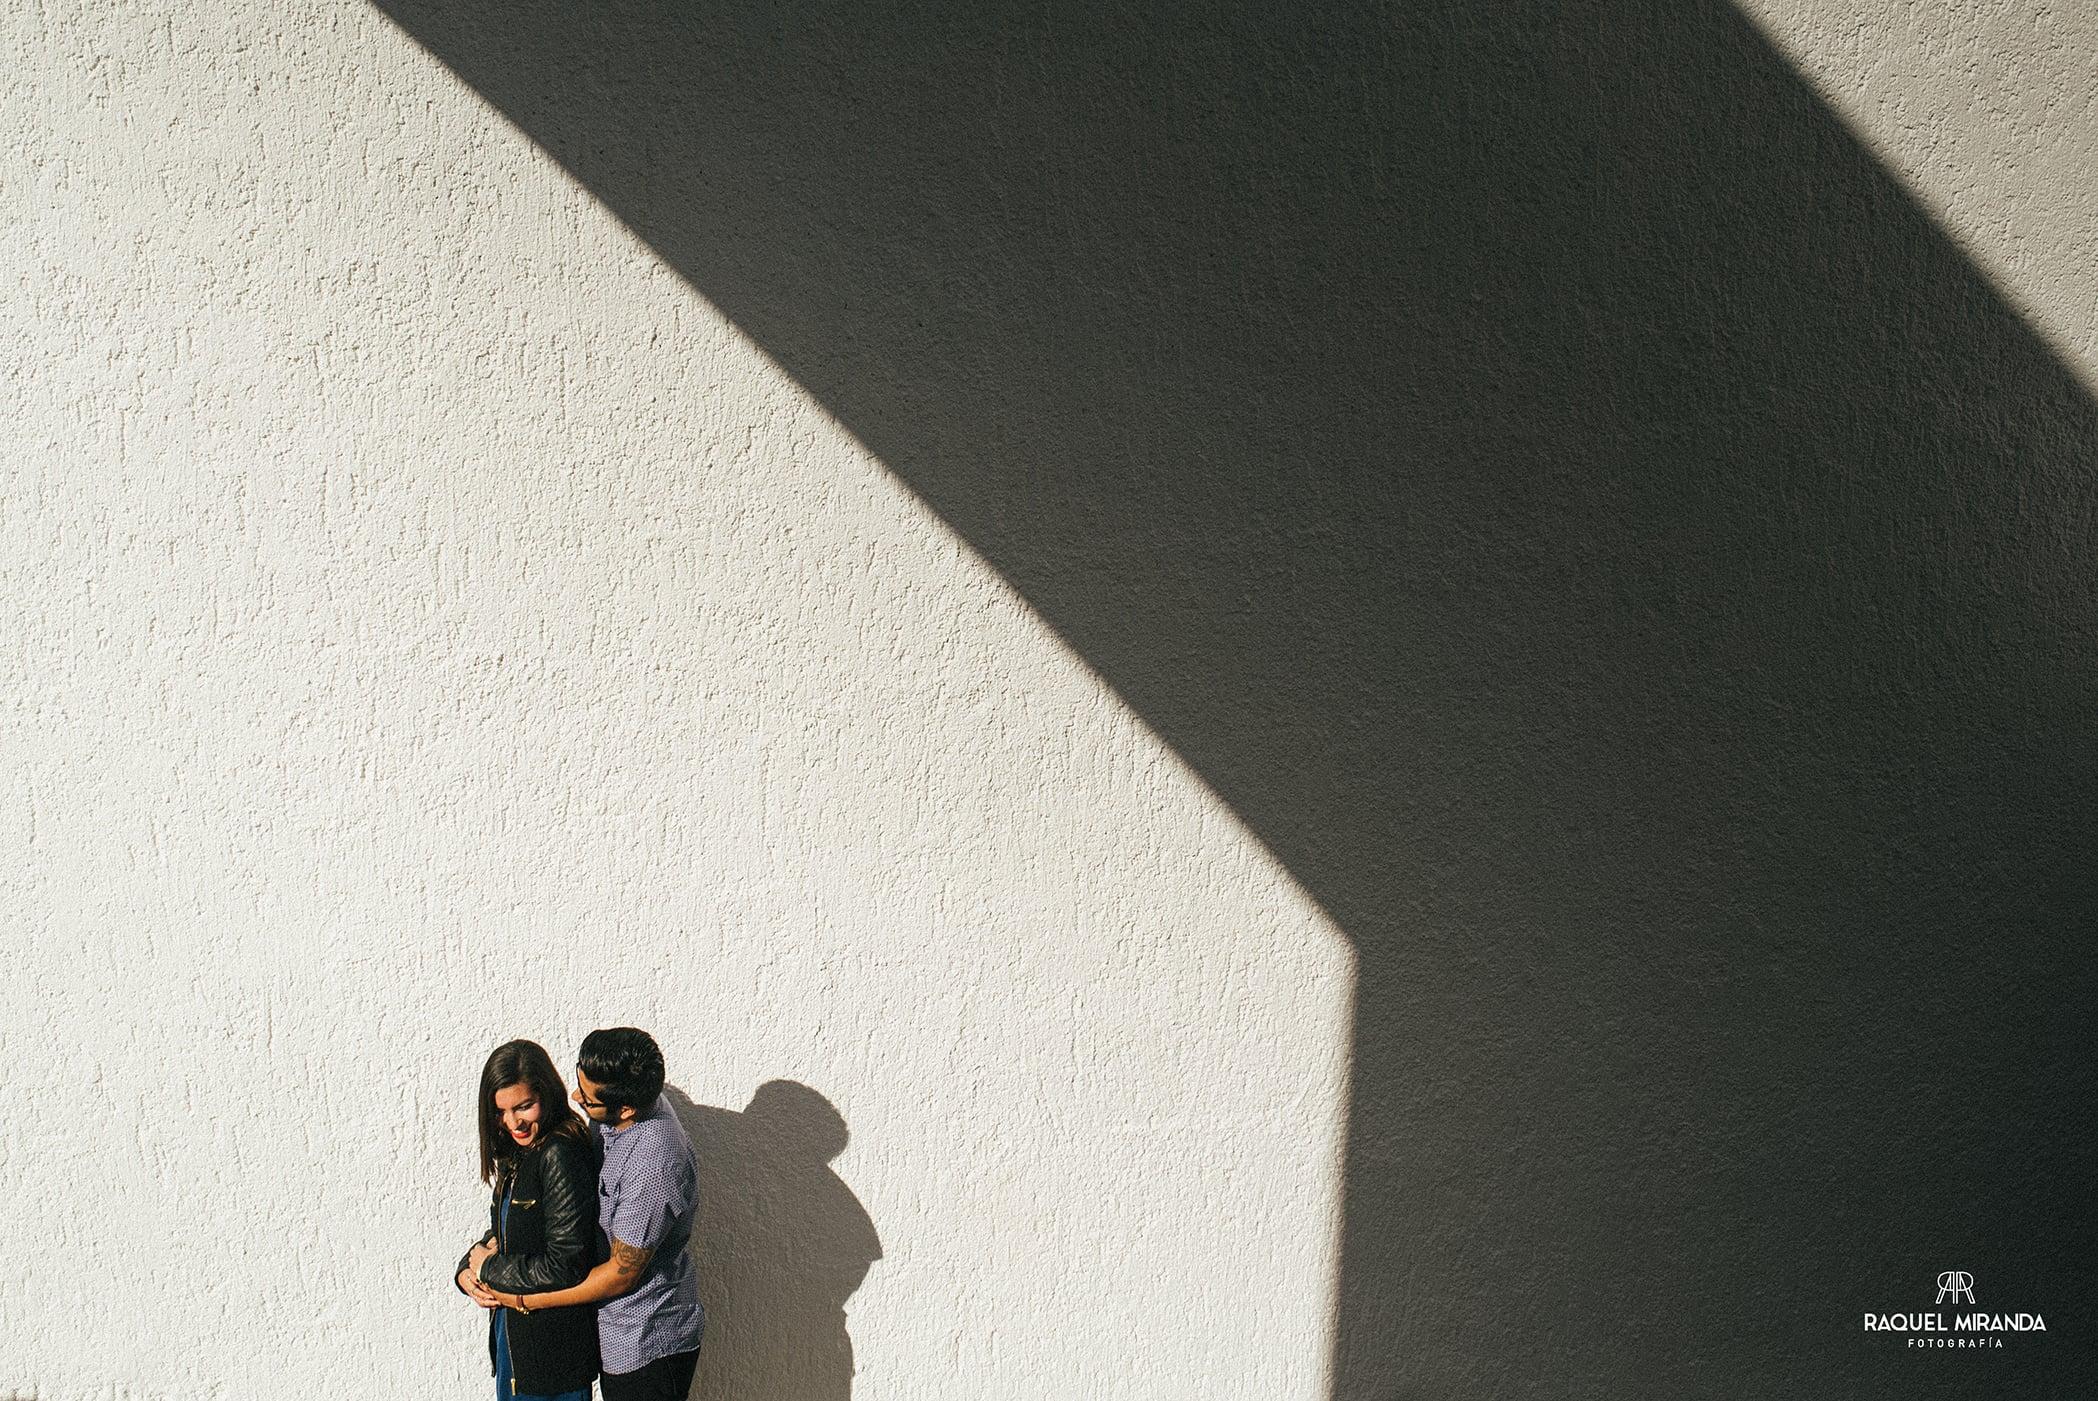 raquel miranda fotografía | sesión | angela&alvaro-11.jpg